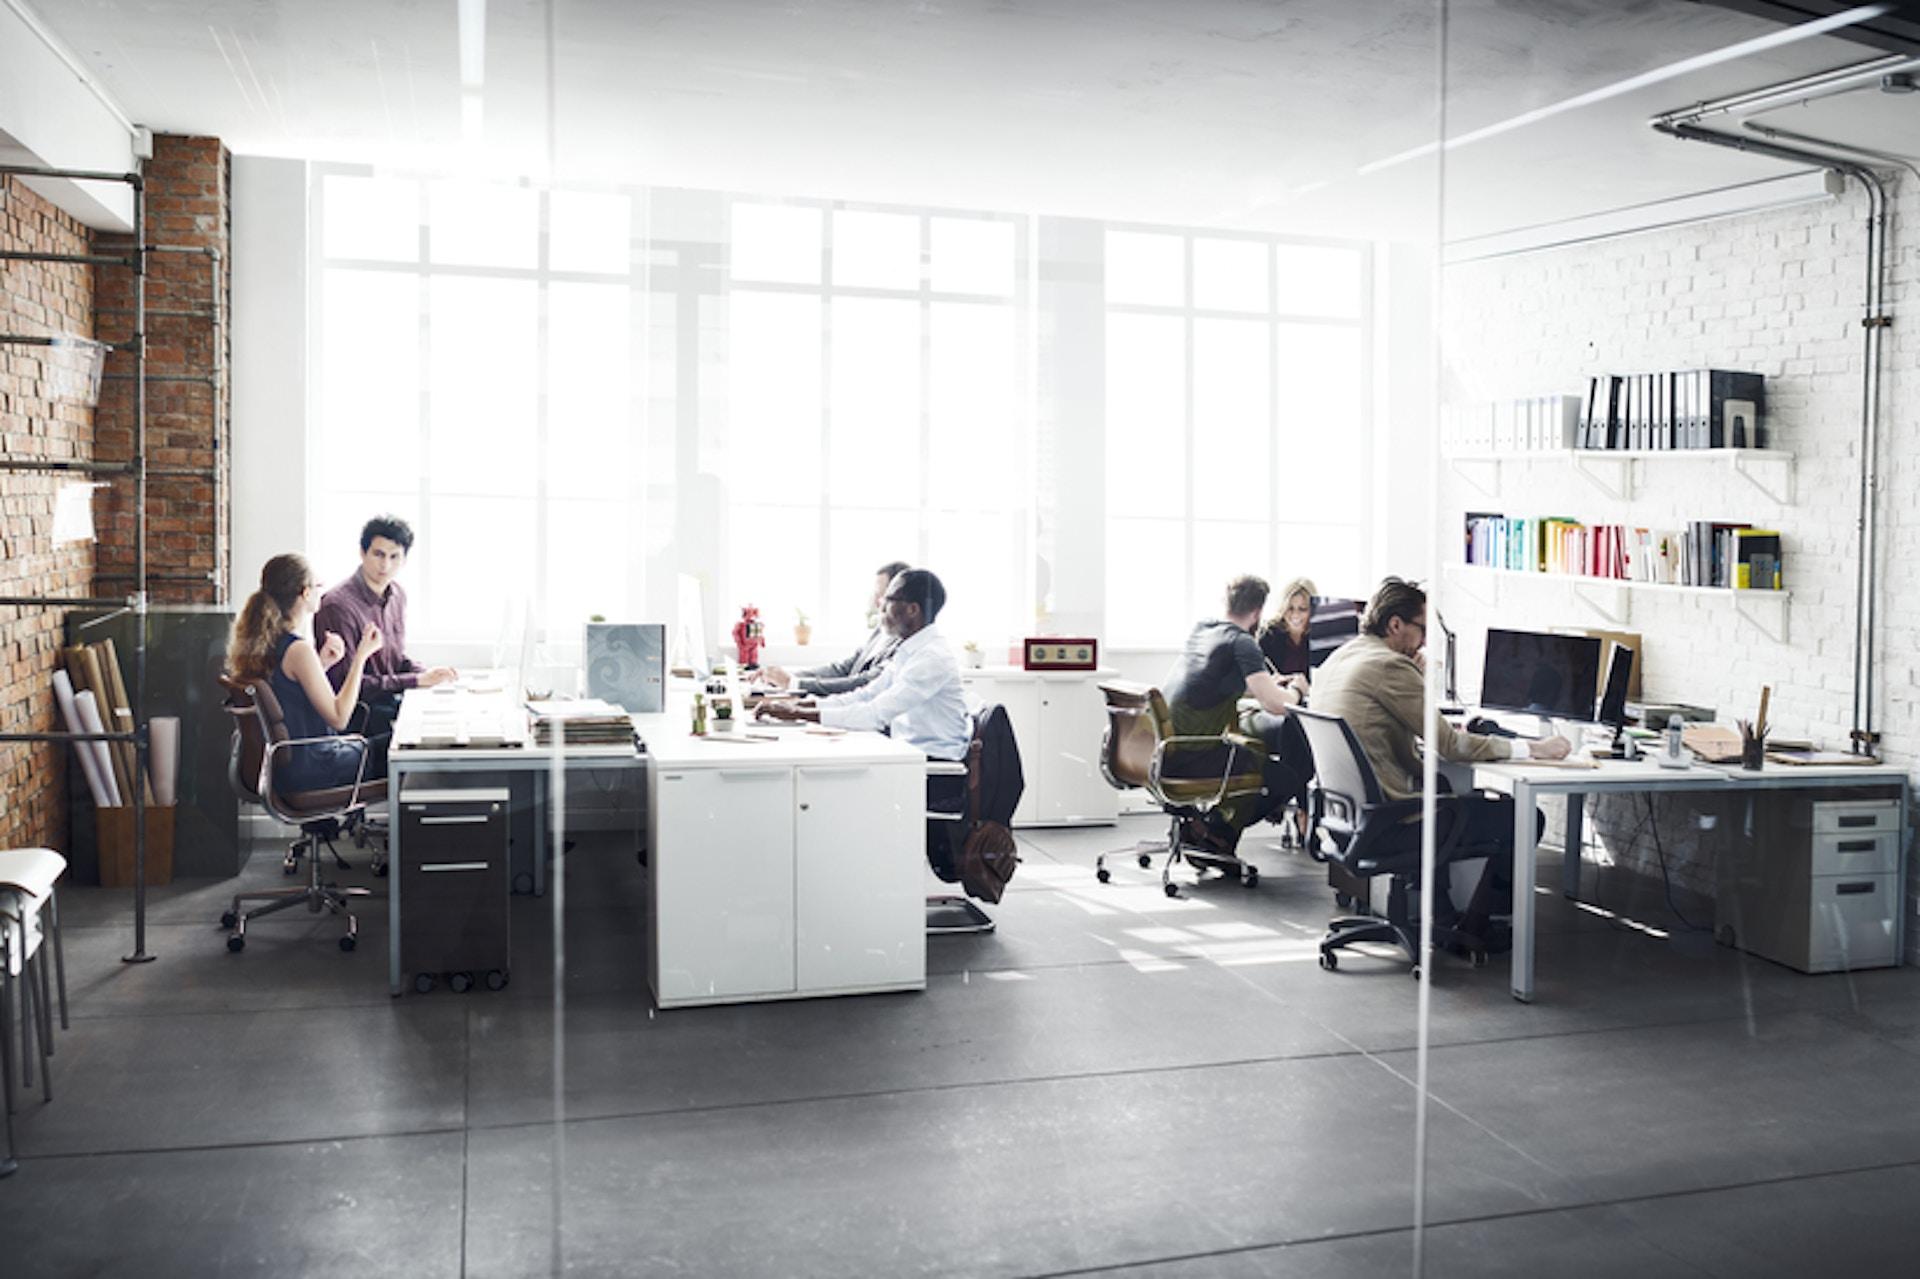 Foto Büro mit arbeitenden Menschen durch eine Glaswand fotografiert